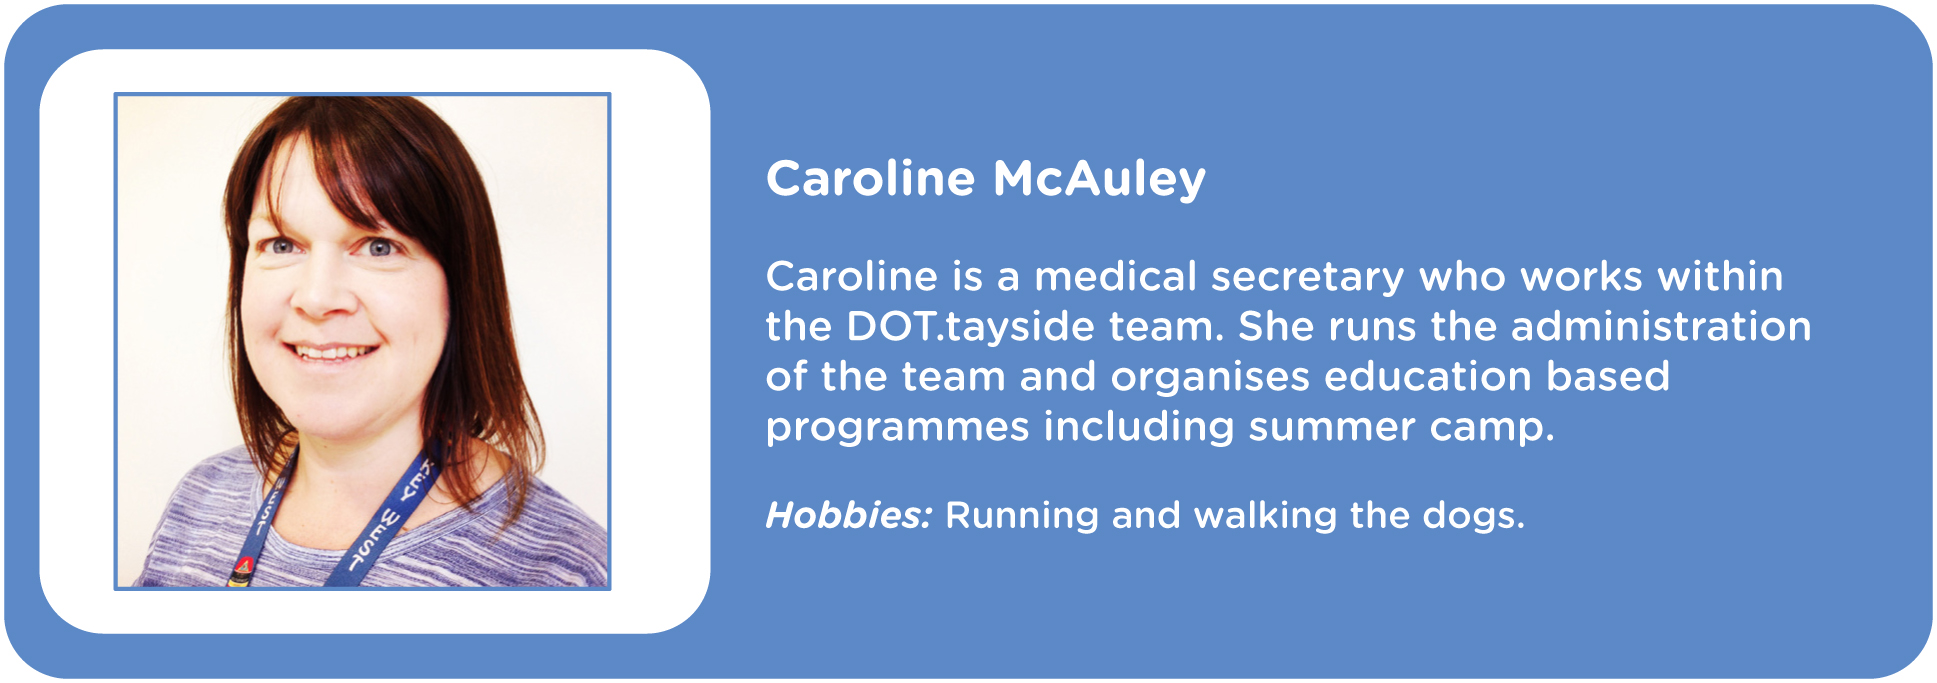 Caroline McCauley